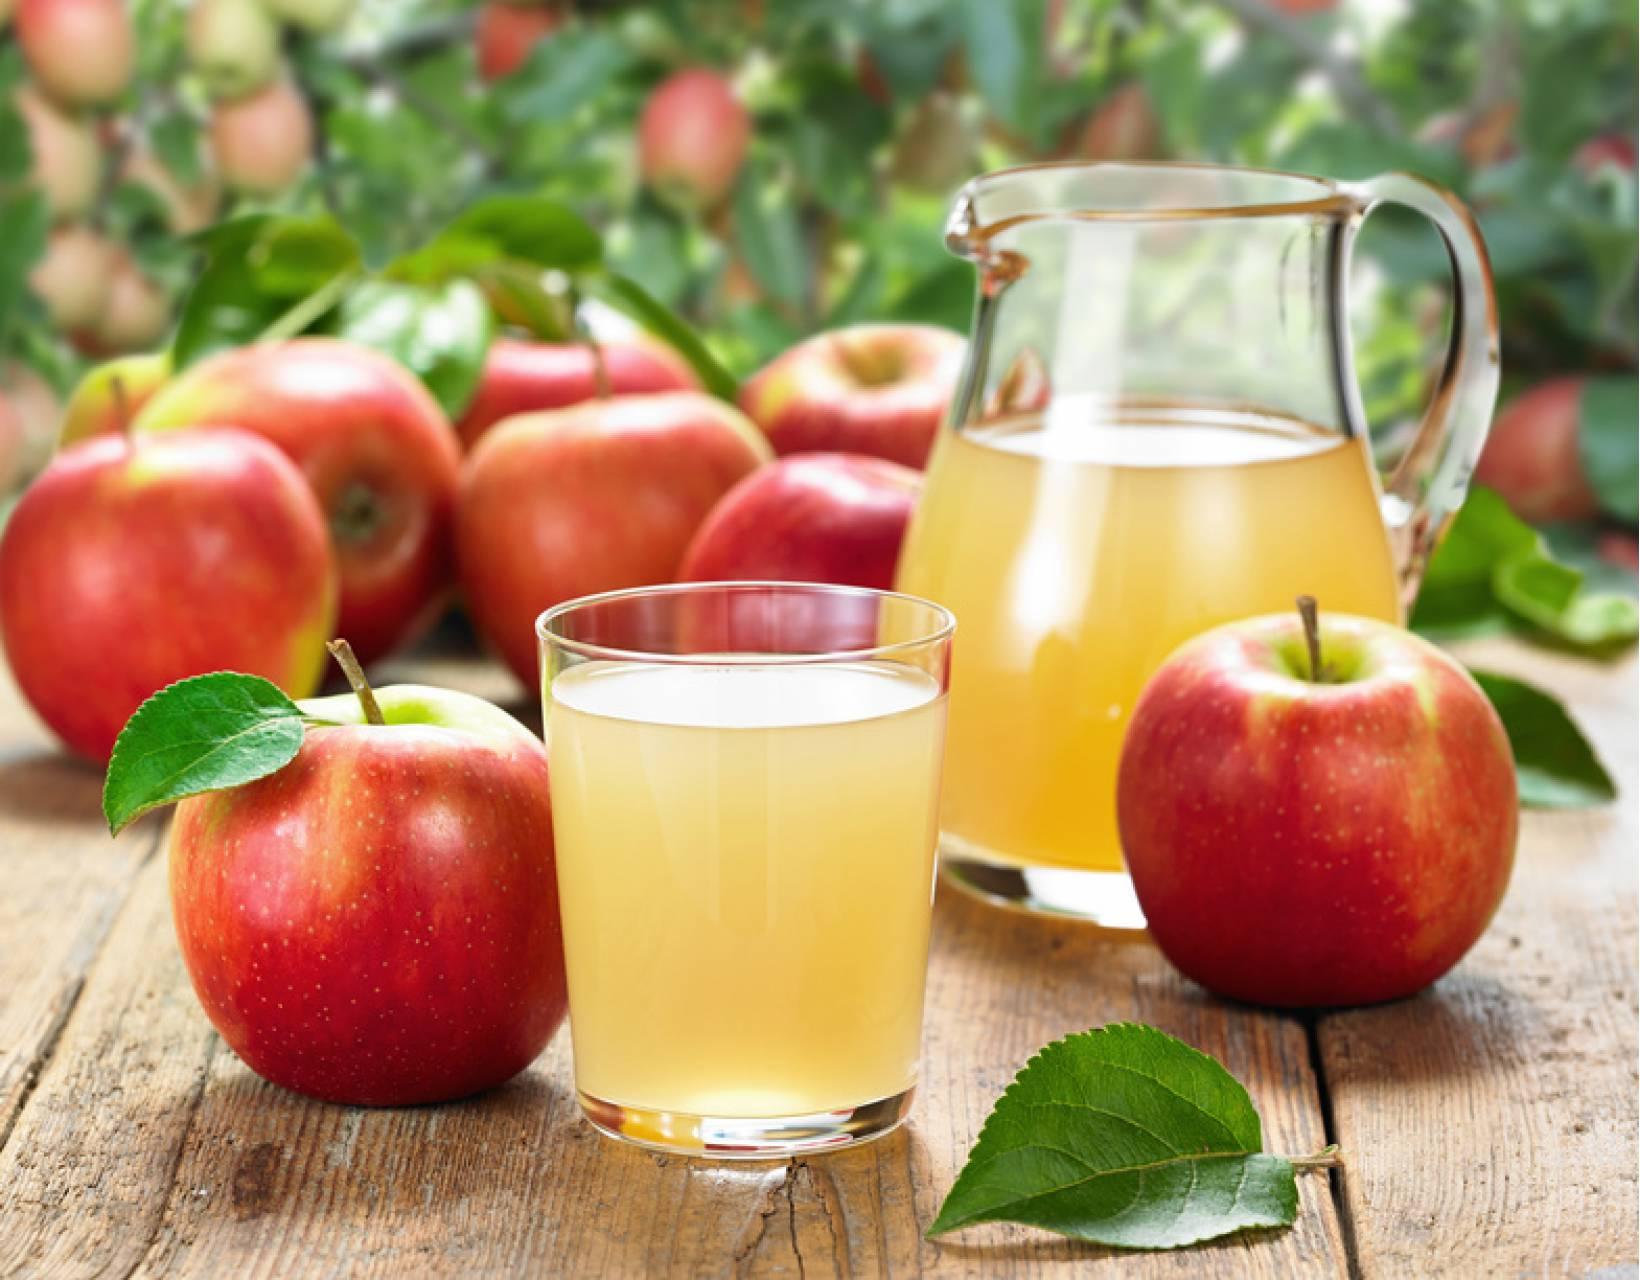 Ouverture de la station de jus de pomme